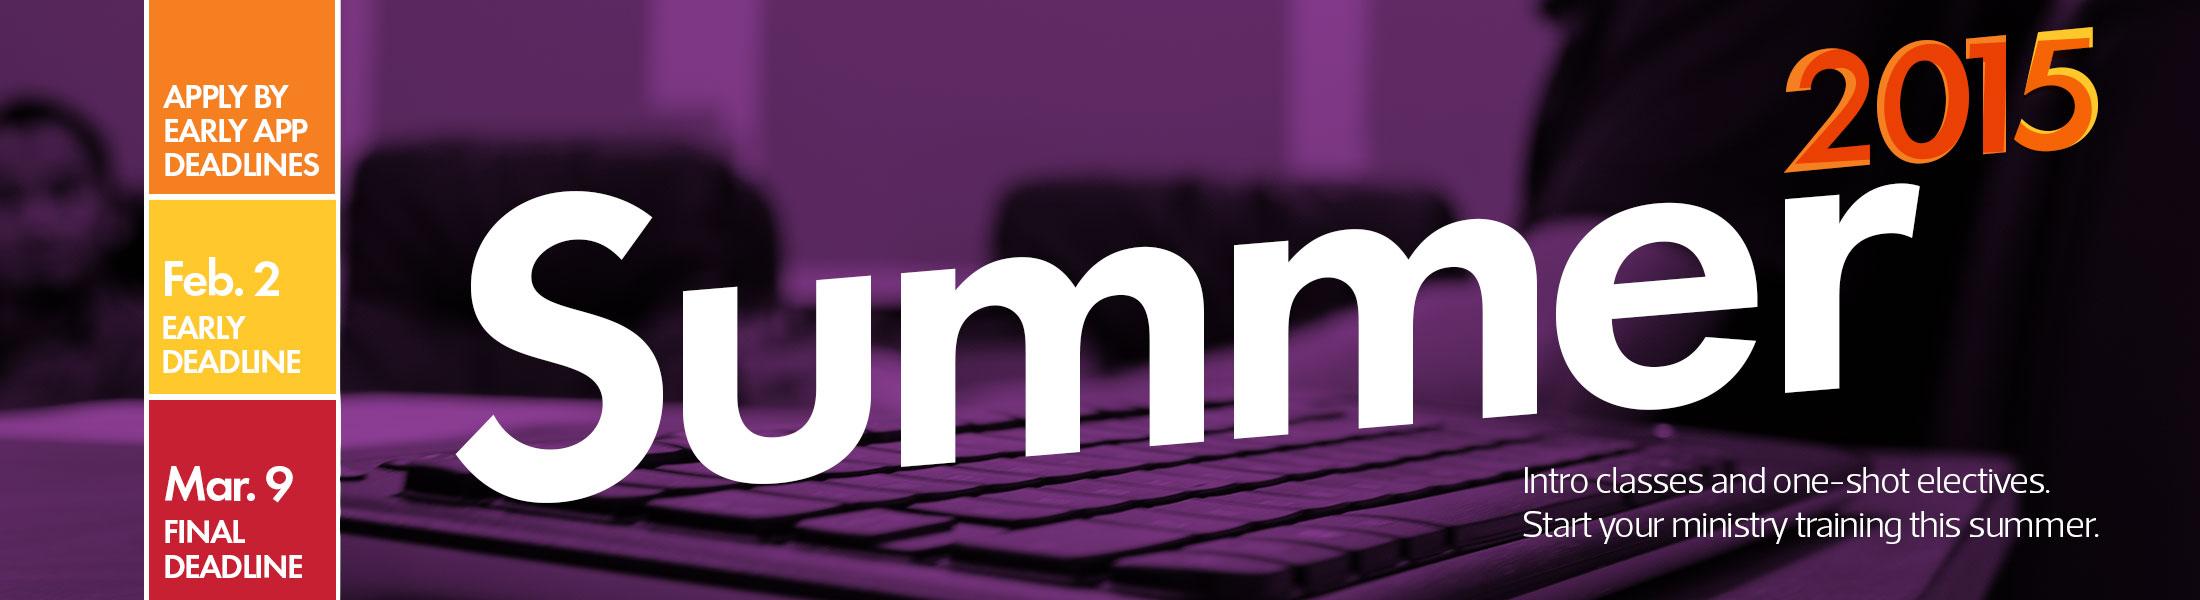 Western Seminary Summer 2015 Semester Application Deadlines